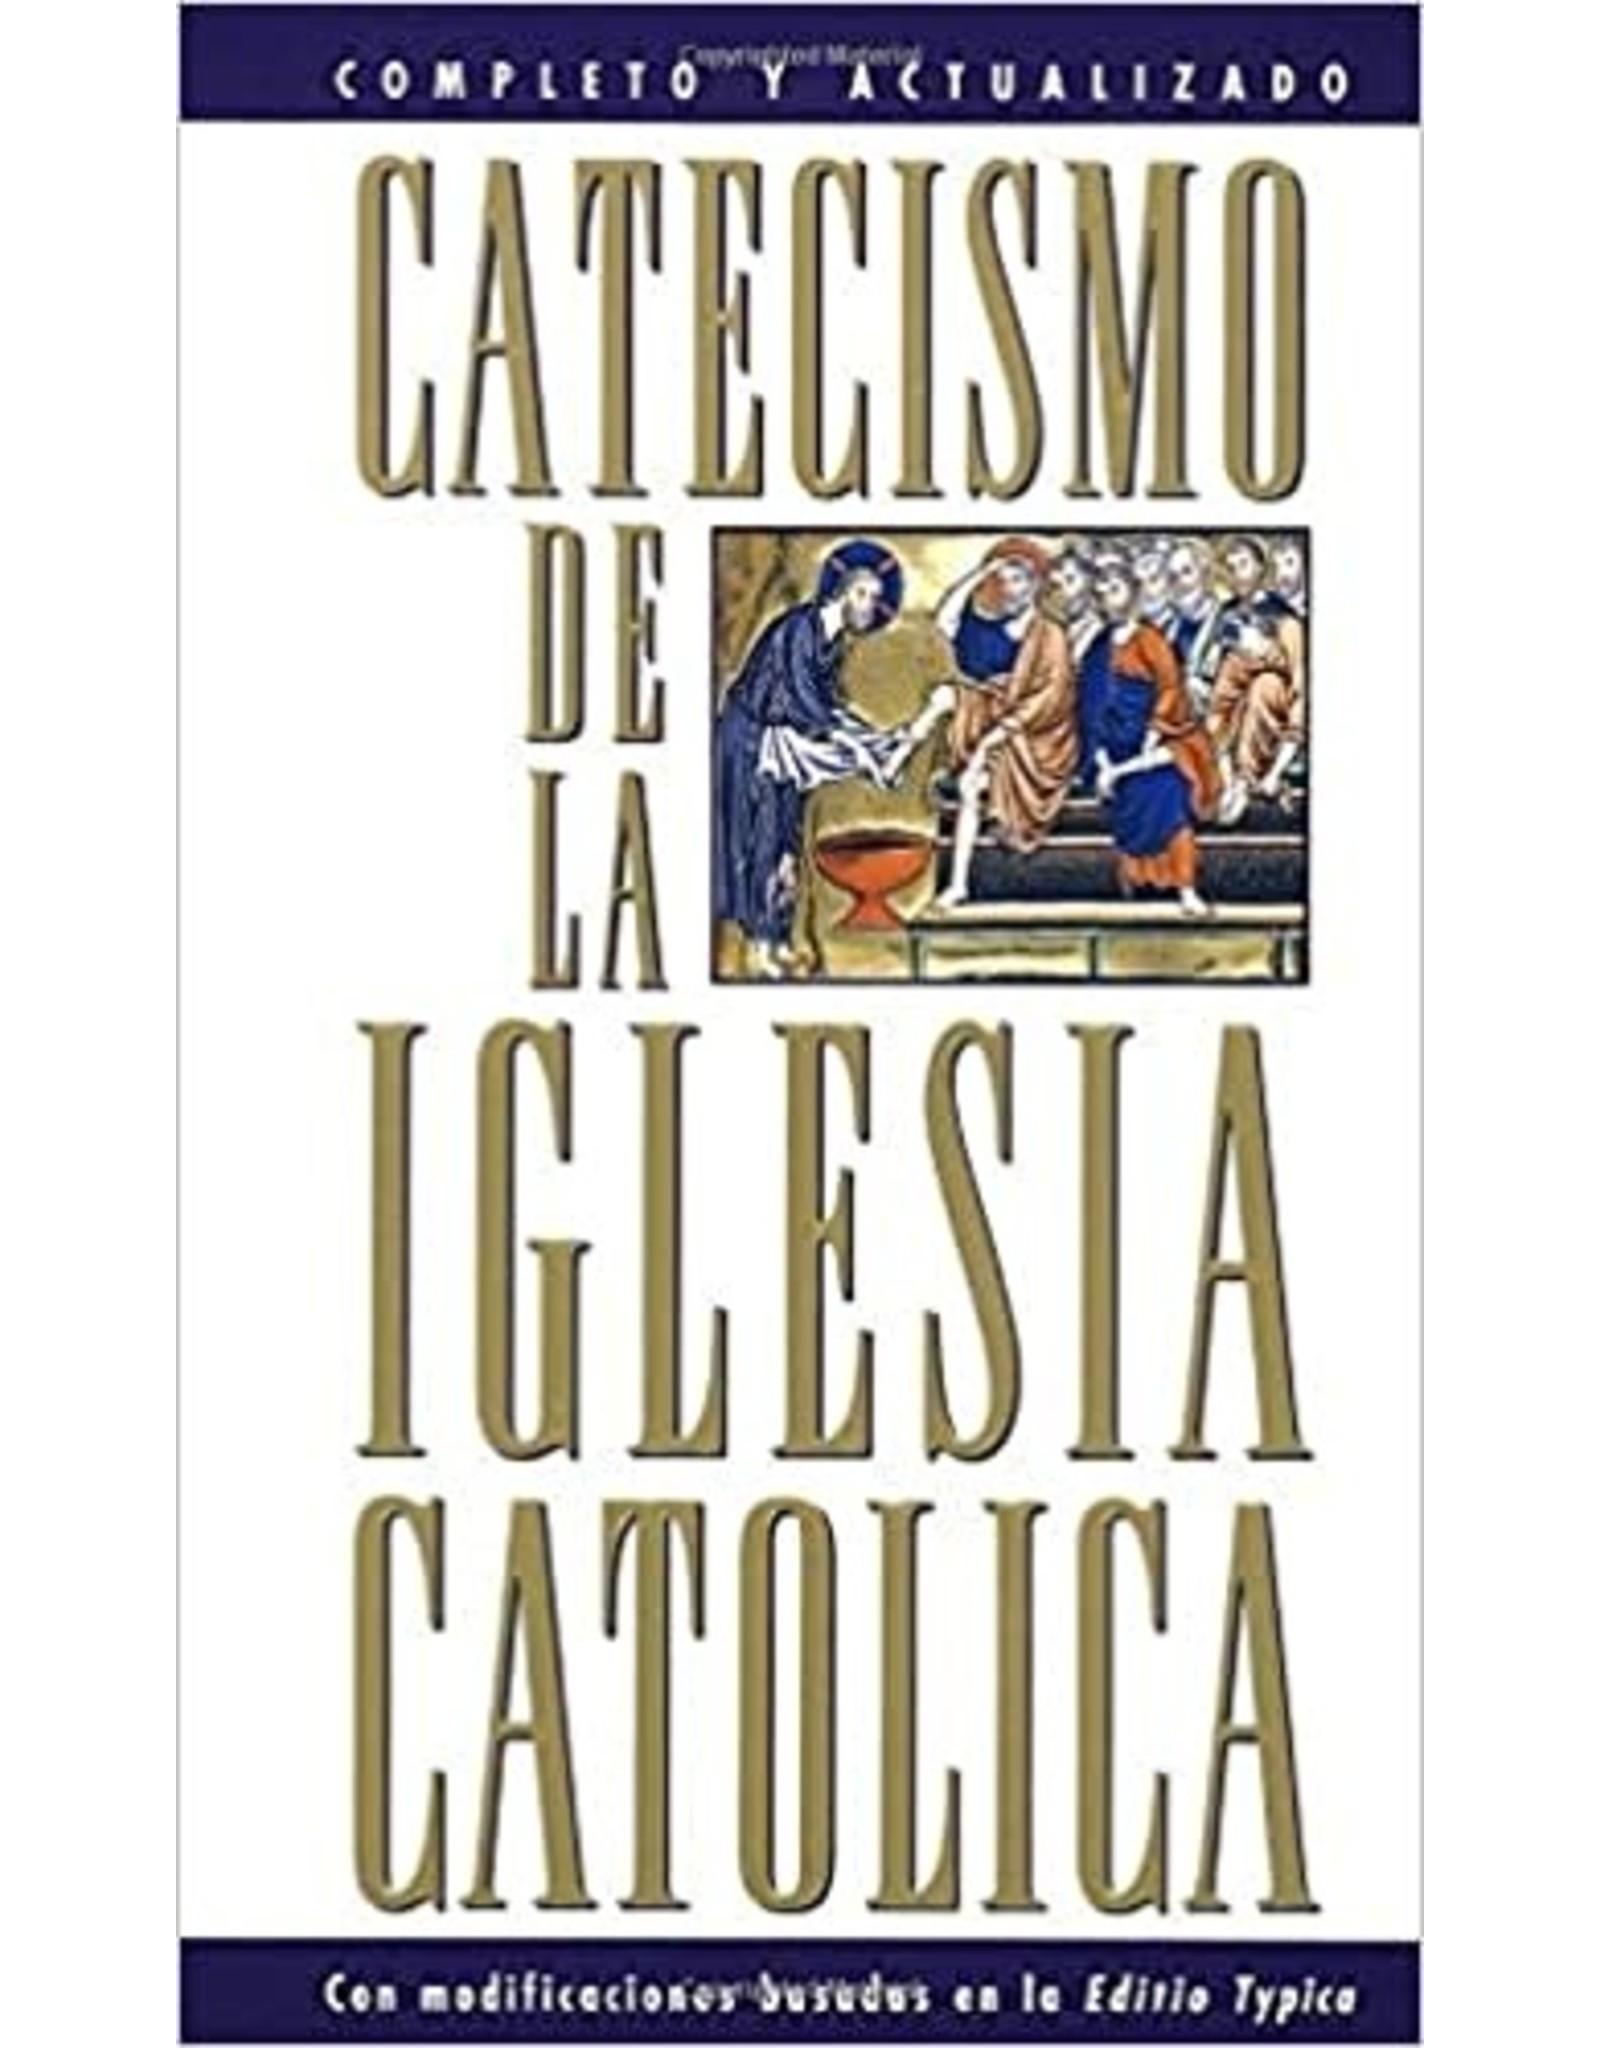 Catecismo de la Iglesia Catolica (White Paperback)